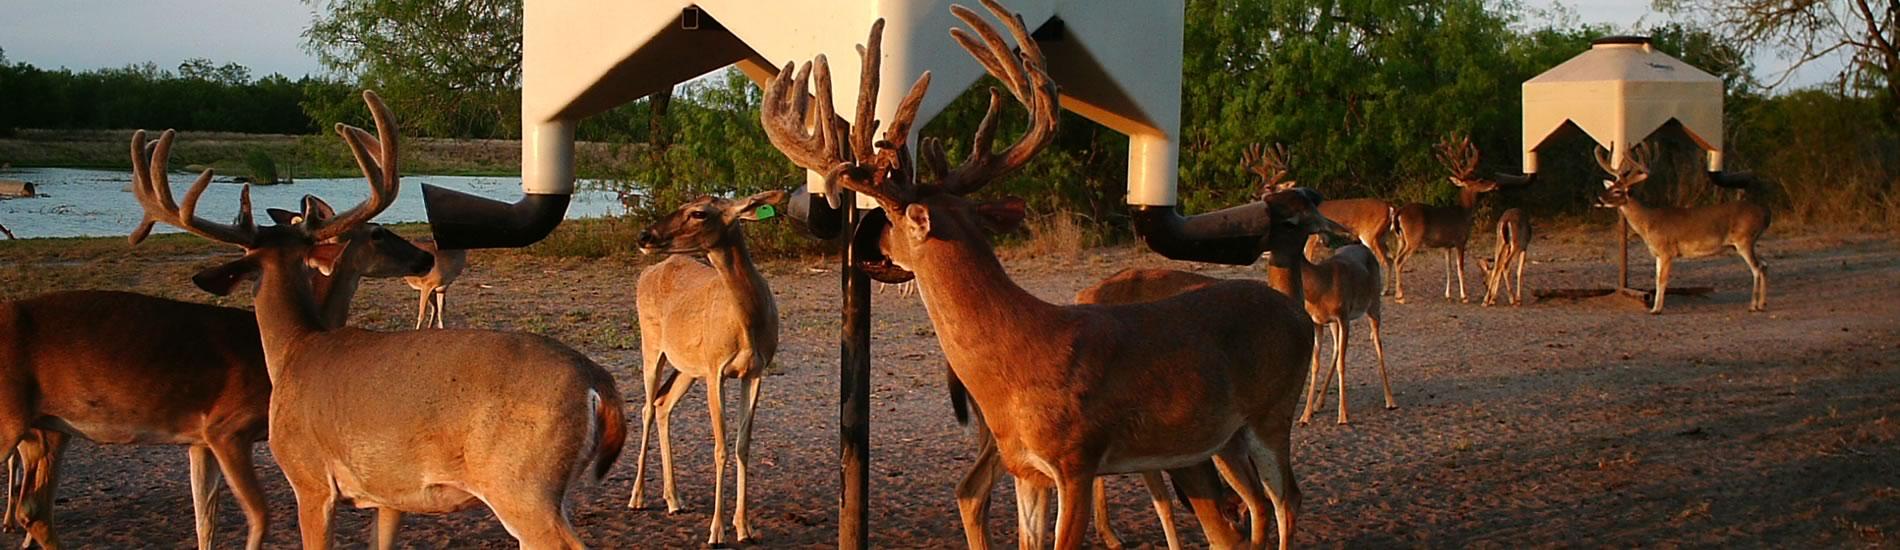 Kenco deer feeders manufacturer